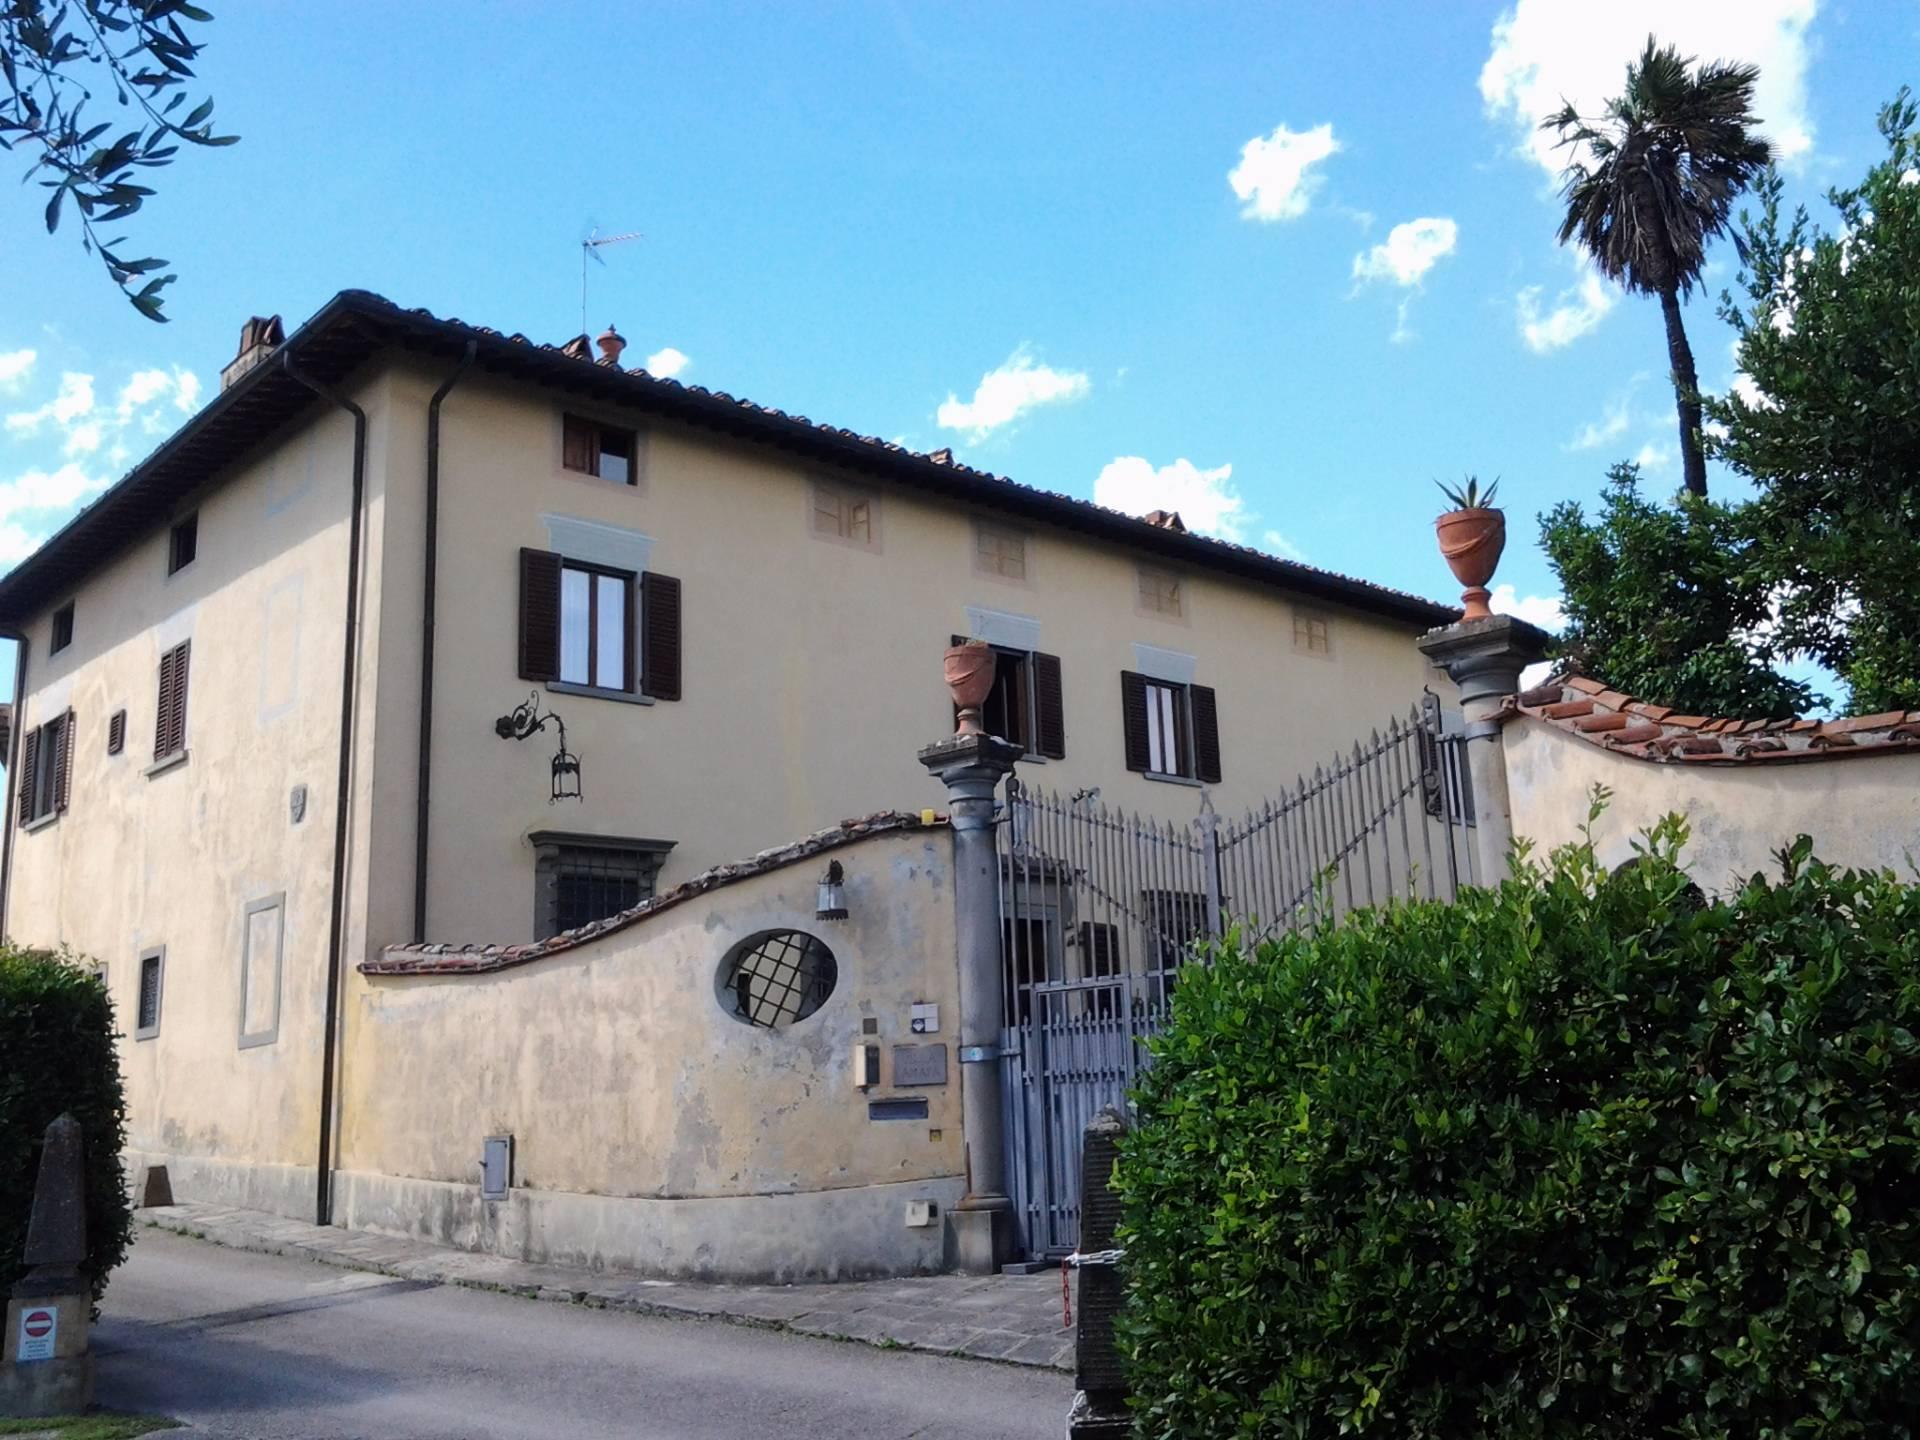 Villa in vendita a Poggio a Caiano, 20 locali, prezzo € 1.800.000 | CambioCasa.it